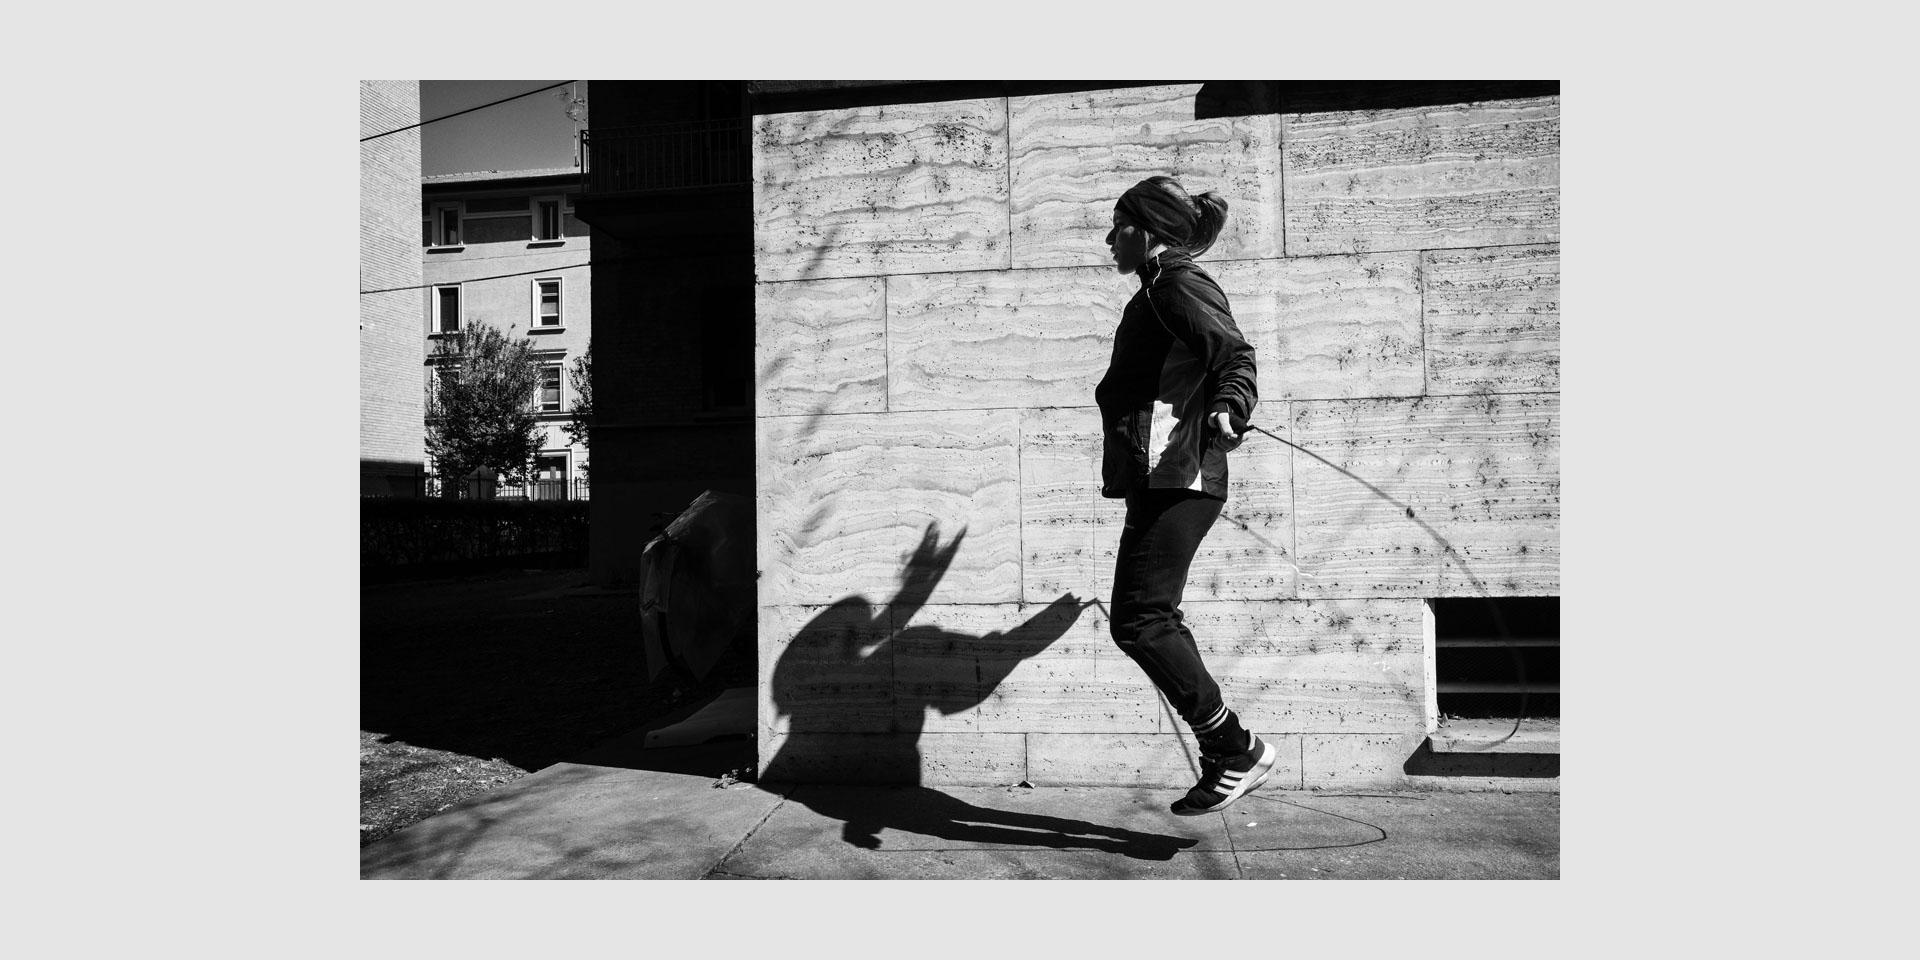 Anticorpi BologAnticorpi bolognesi - fotografia di Giulio Di Meo (Witness Journal)nesi Foto Giulio Di Meo 08